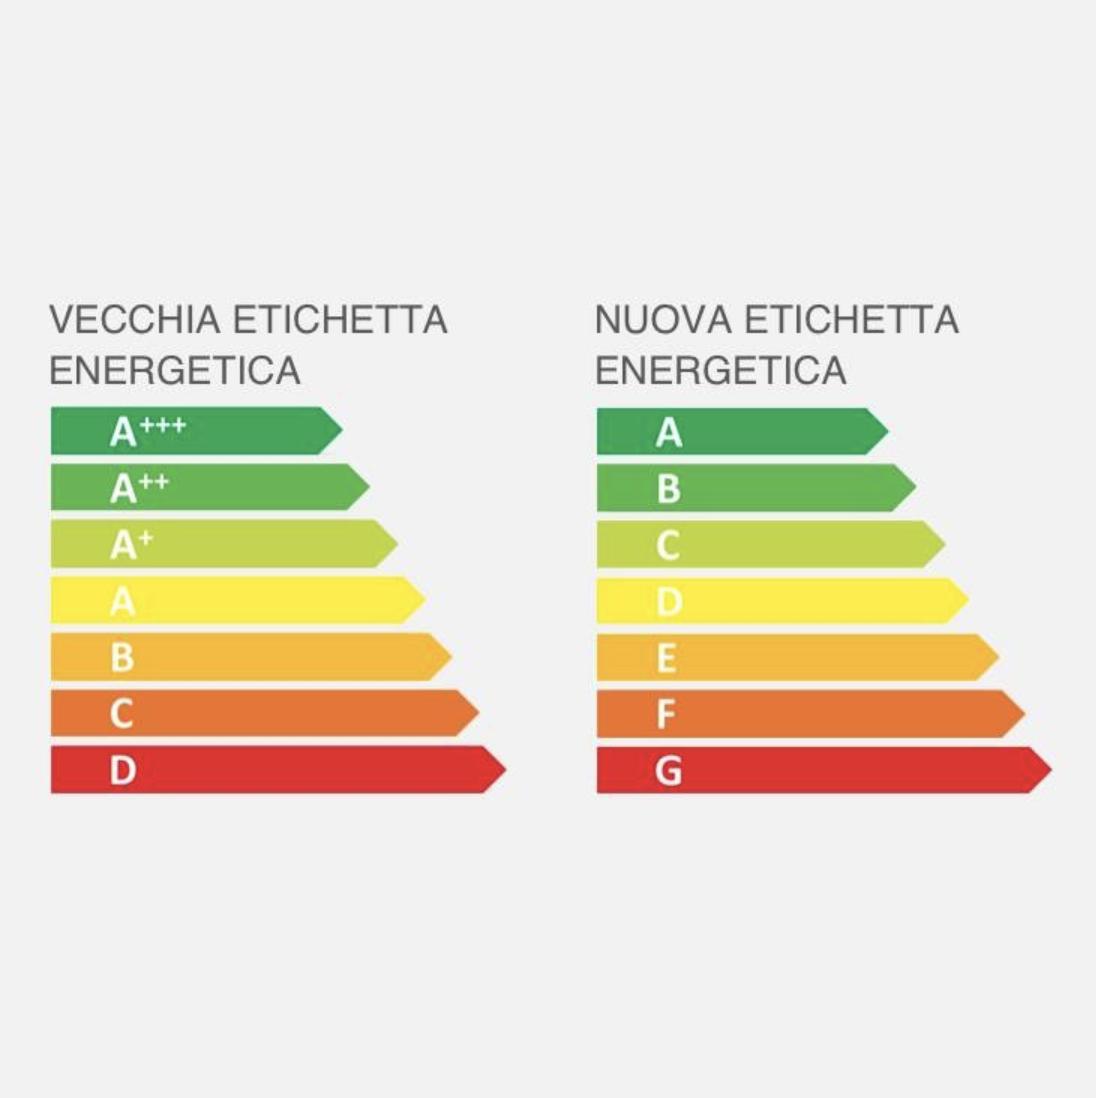 Novità 2021 etichette energetiche